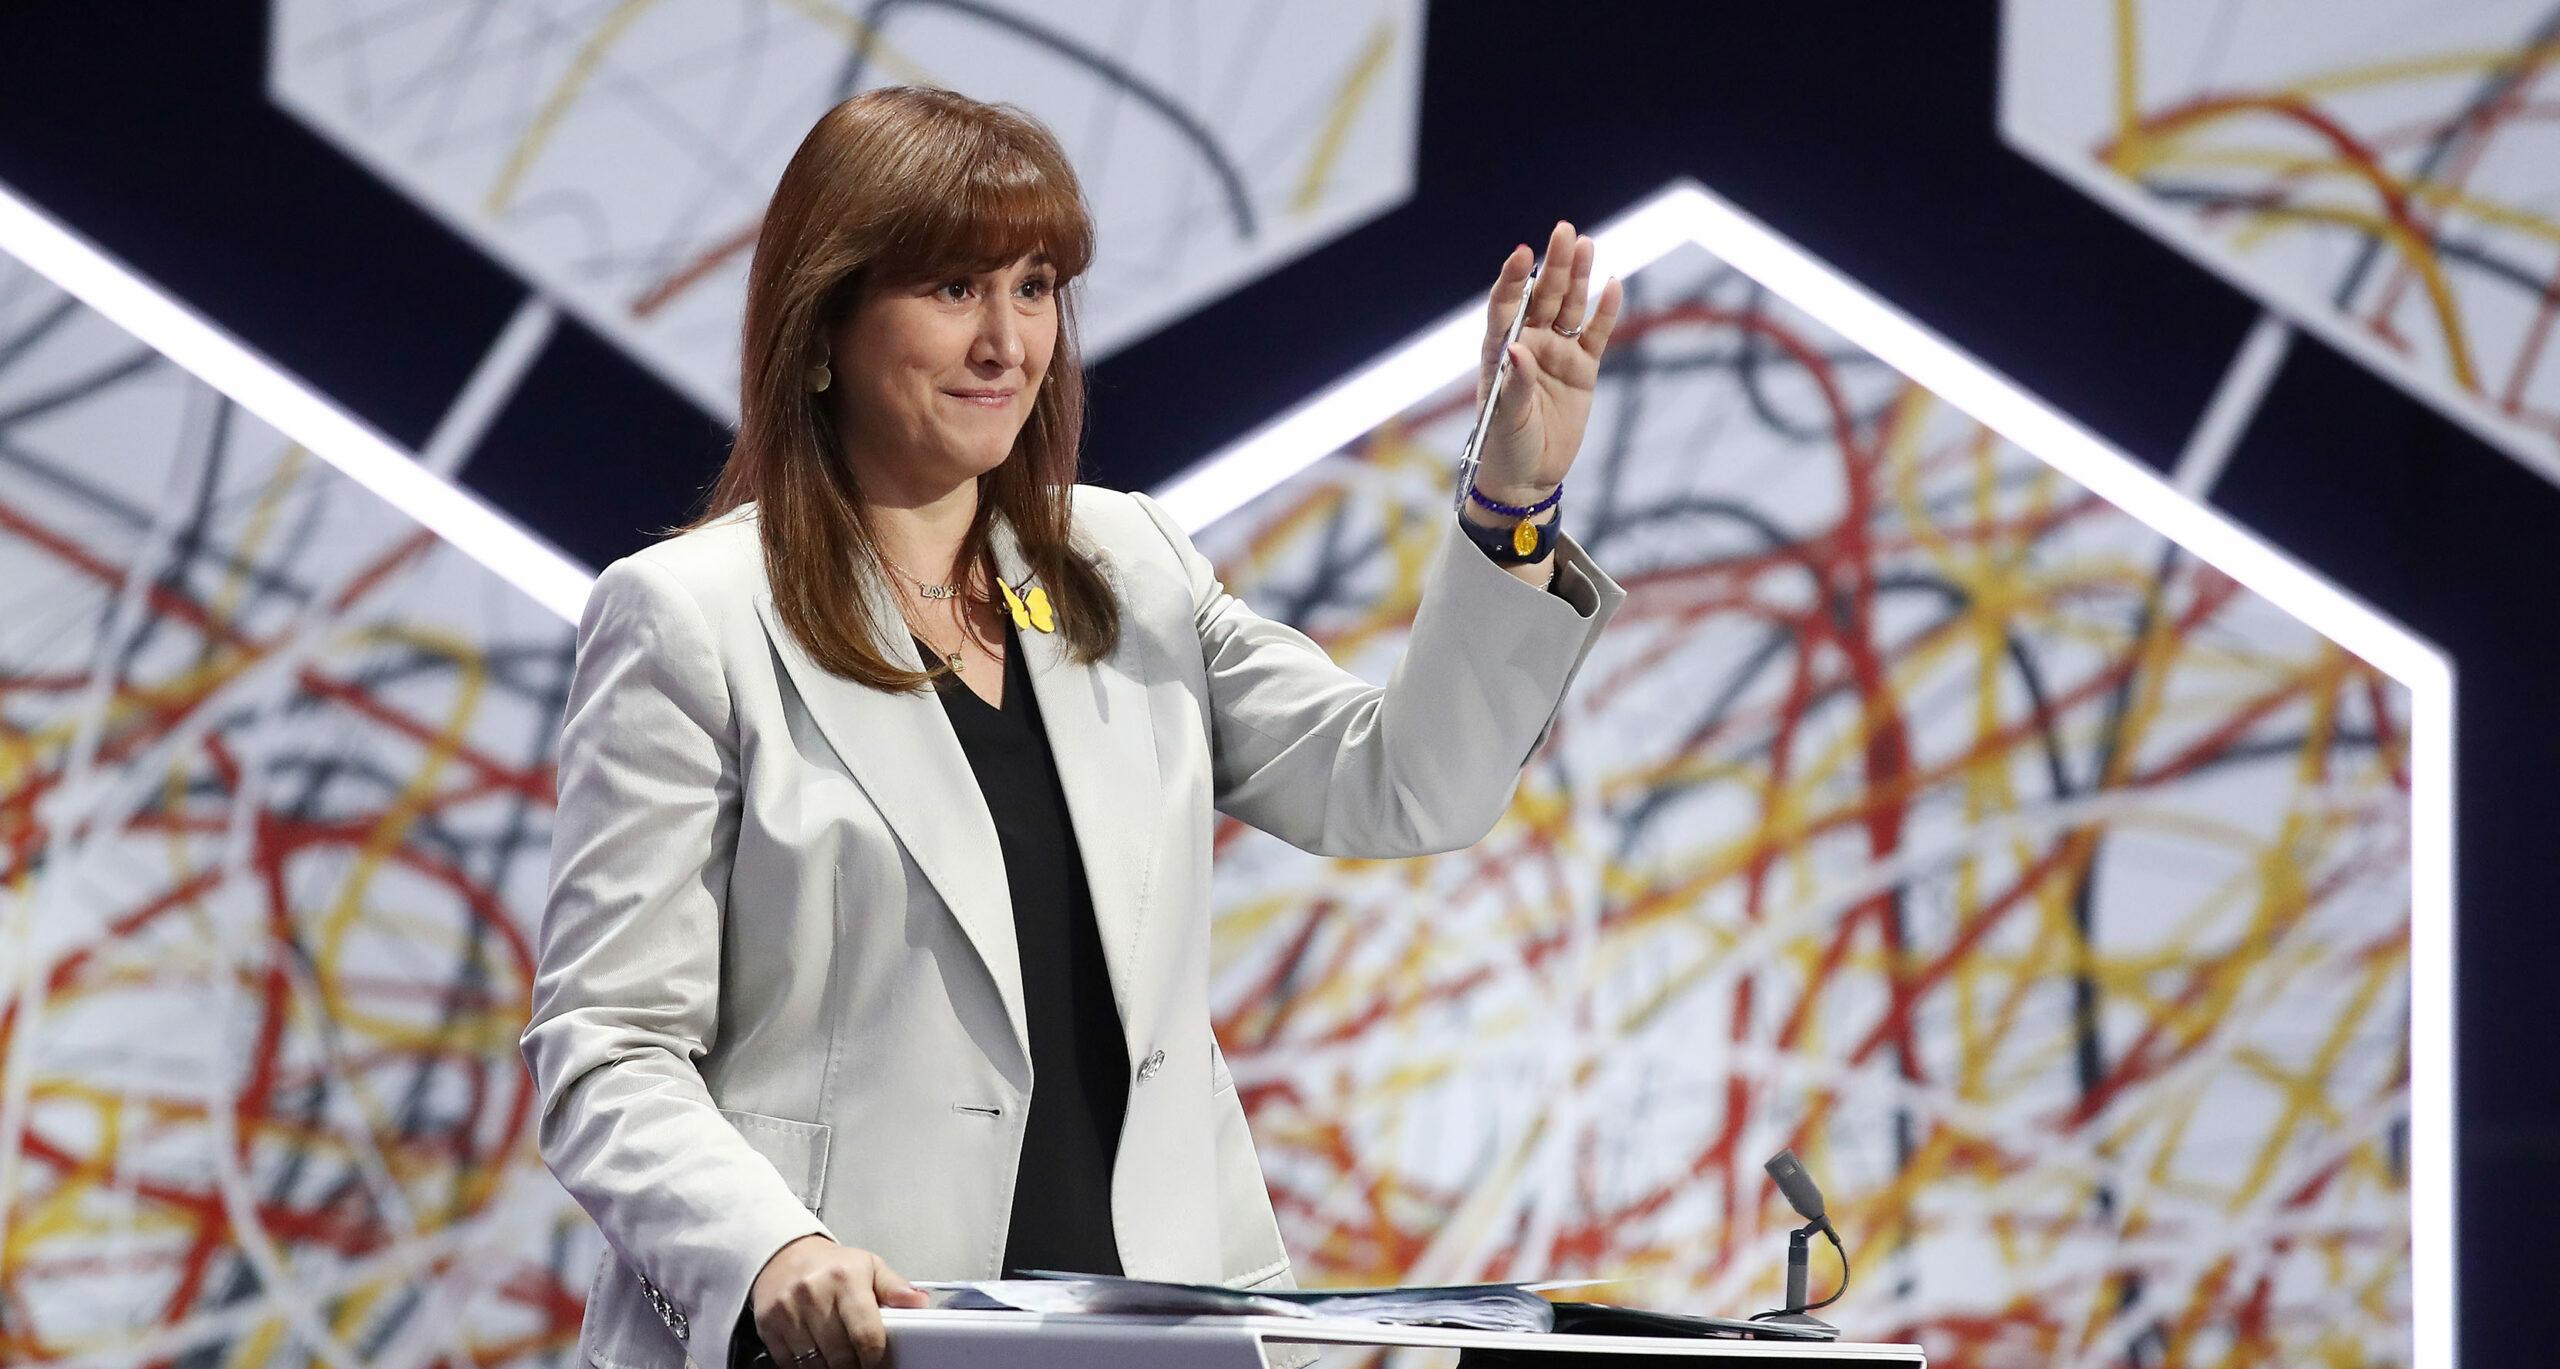 La candidata de JxC a les eleccions al 14-F, Laura Borràs, durant el debat electoral de 'La Sexta' | ACN